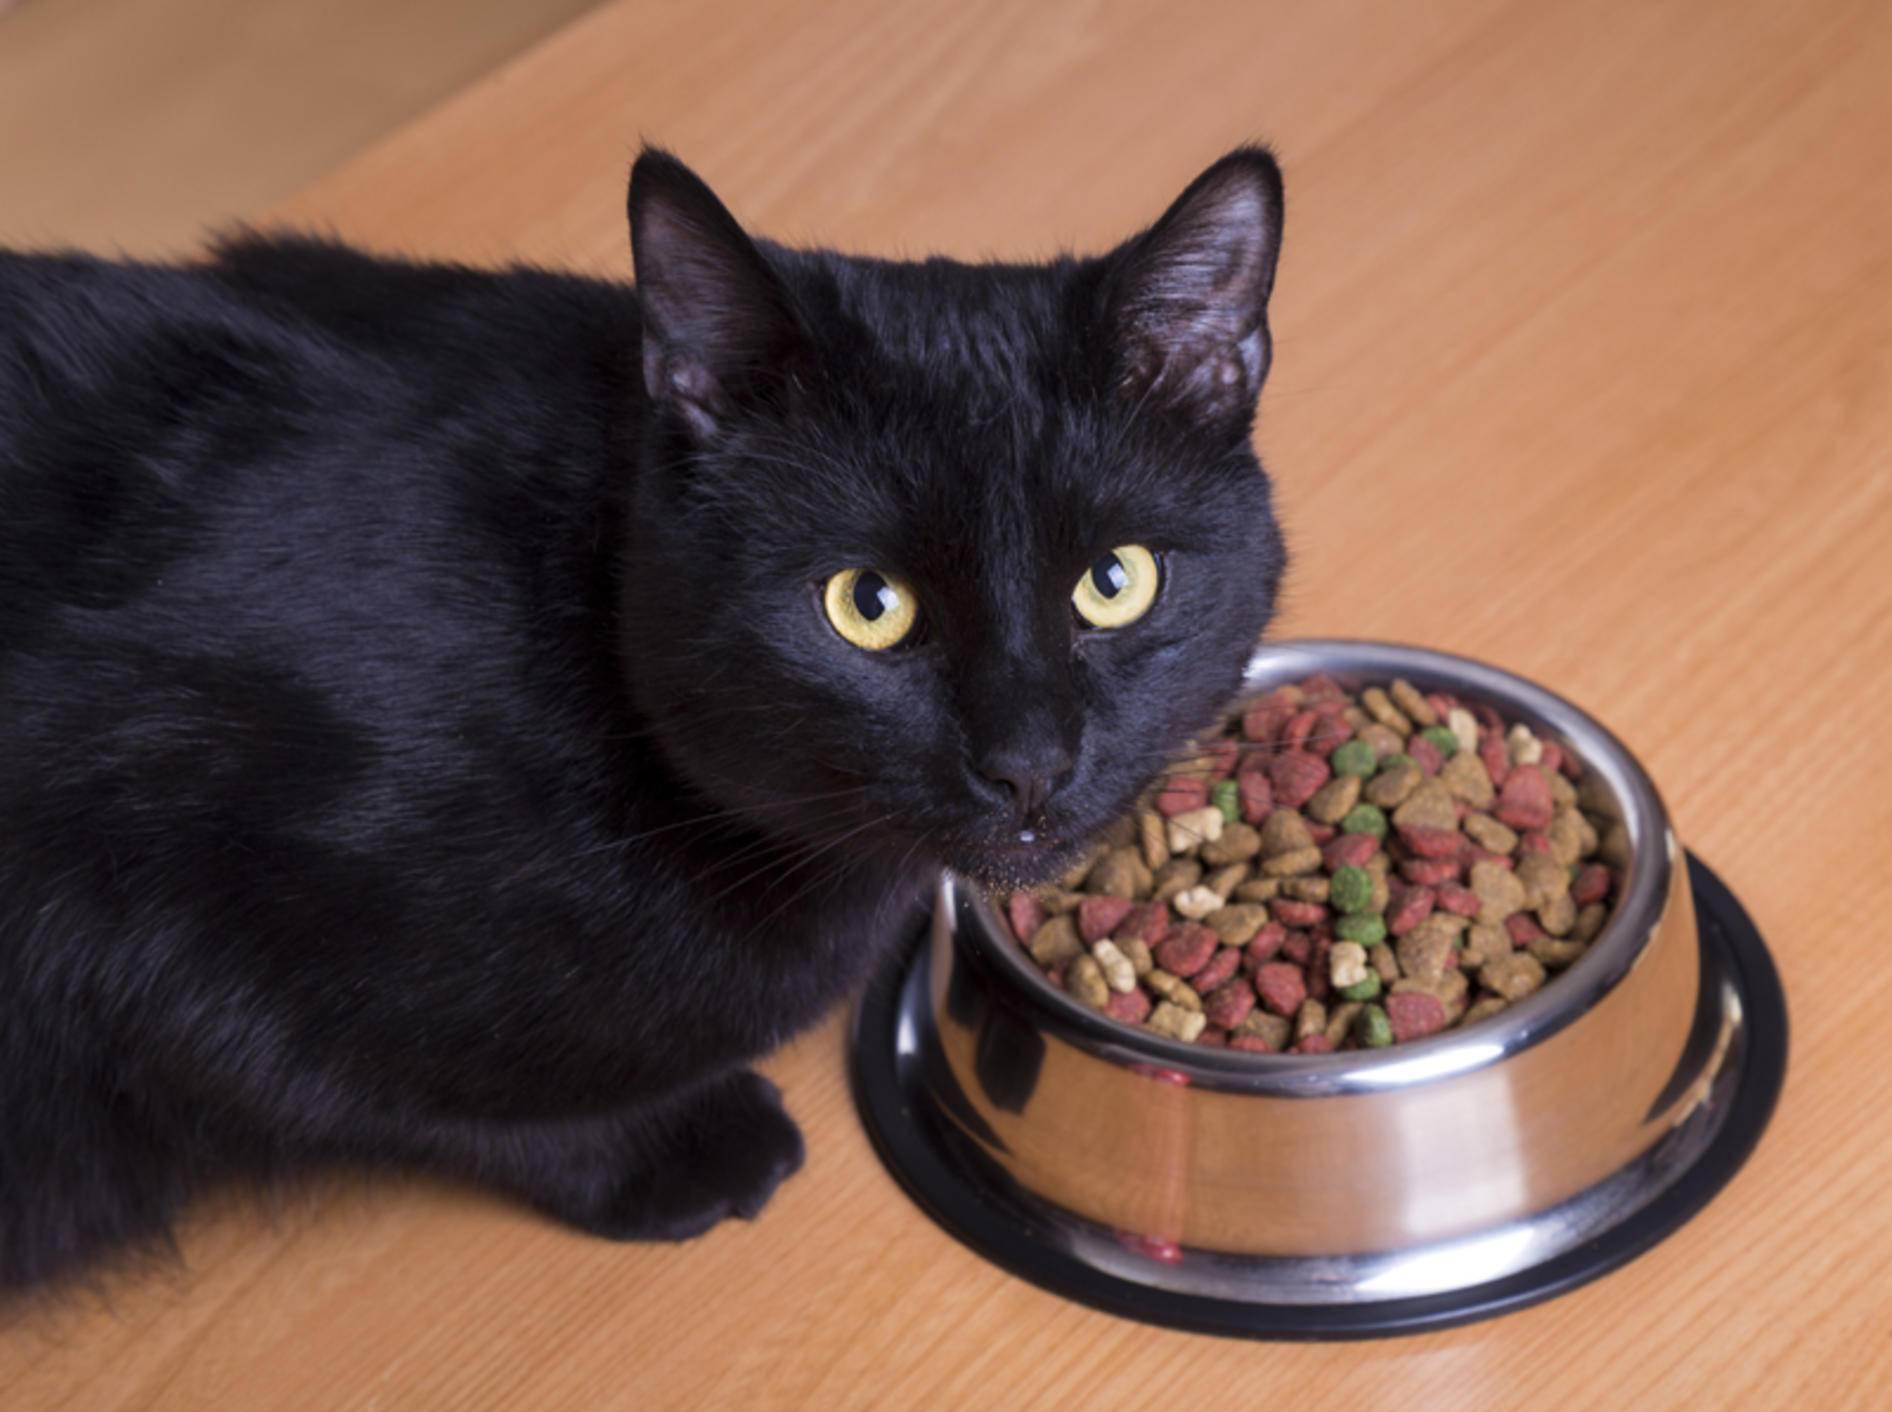 """""""Das soll ich fressen? Was ist denn da überhaupt alles drin?"""": Diese schwarze Katze mag ihr Futter wohl nicht – Shutterstock / aleg baranau"""